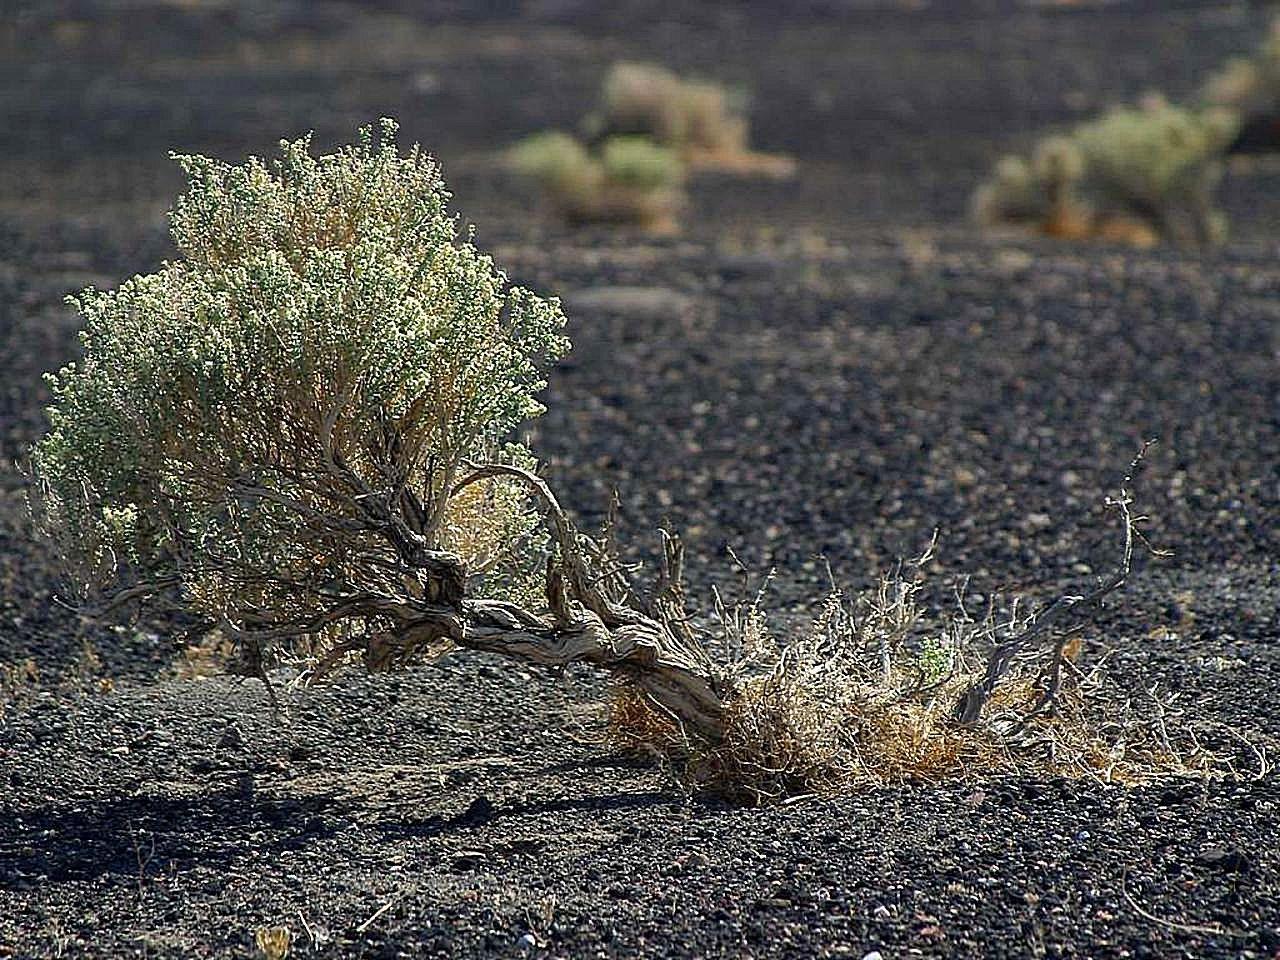 выбор две картинка полыни в пустыне труп